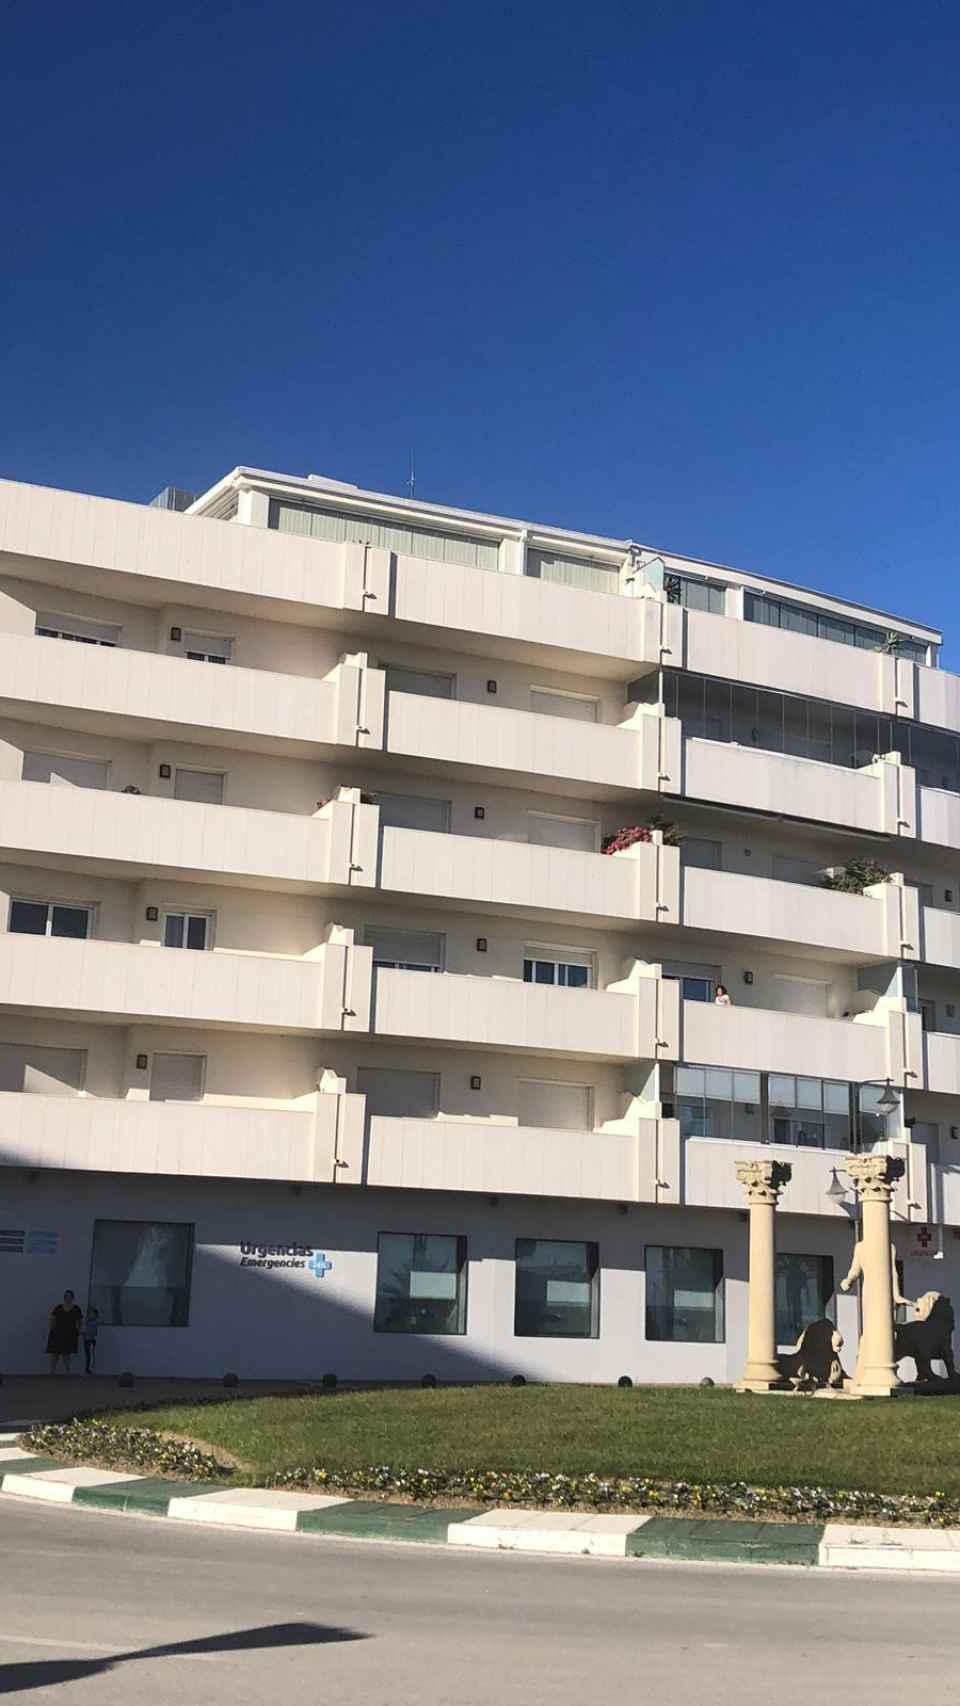 Imagen del edificio en el que el ático vivía Villarejo y abajo estaba la clínica.